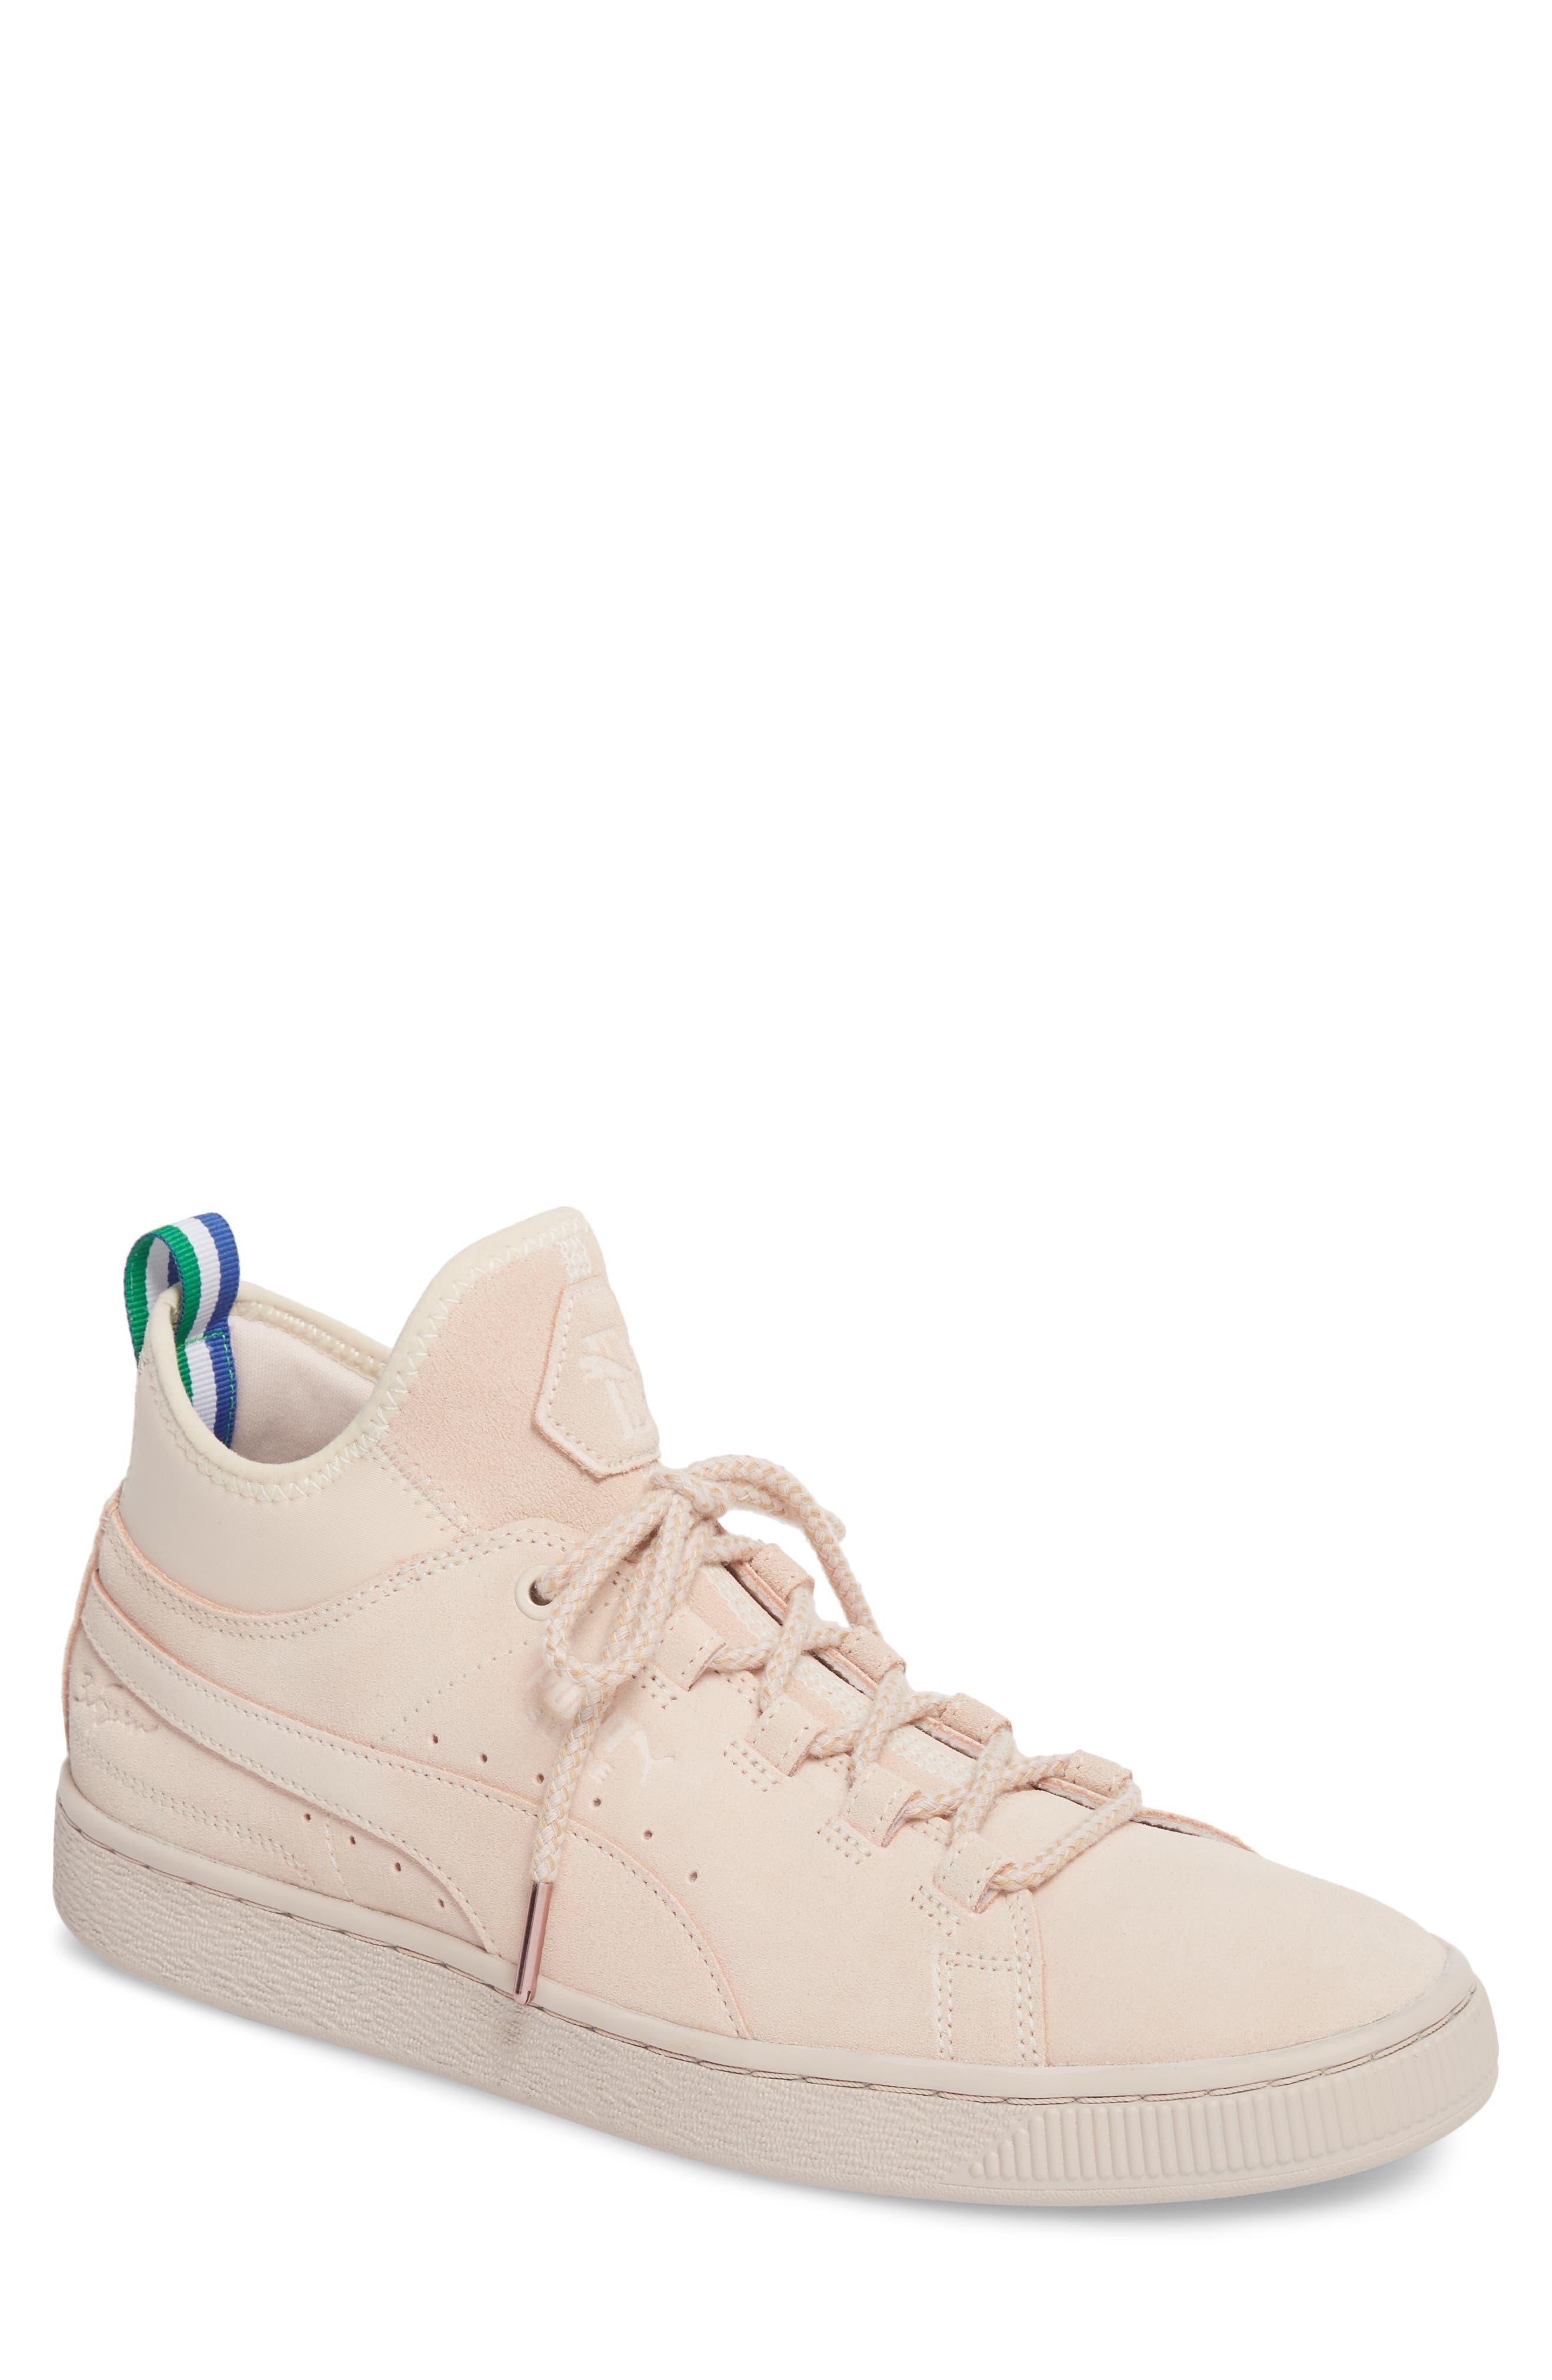 PUMA x Big Sean Mid Suede Sneaker (Men)